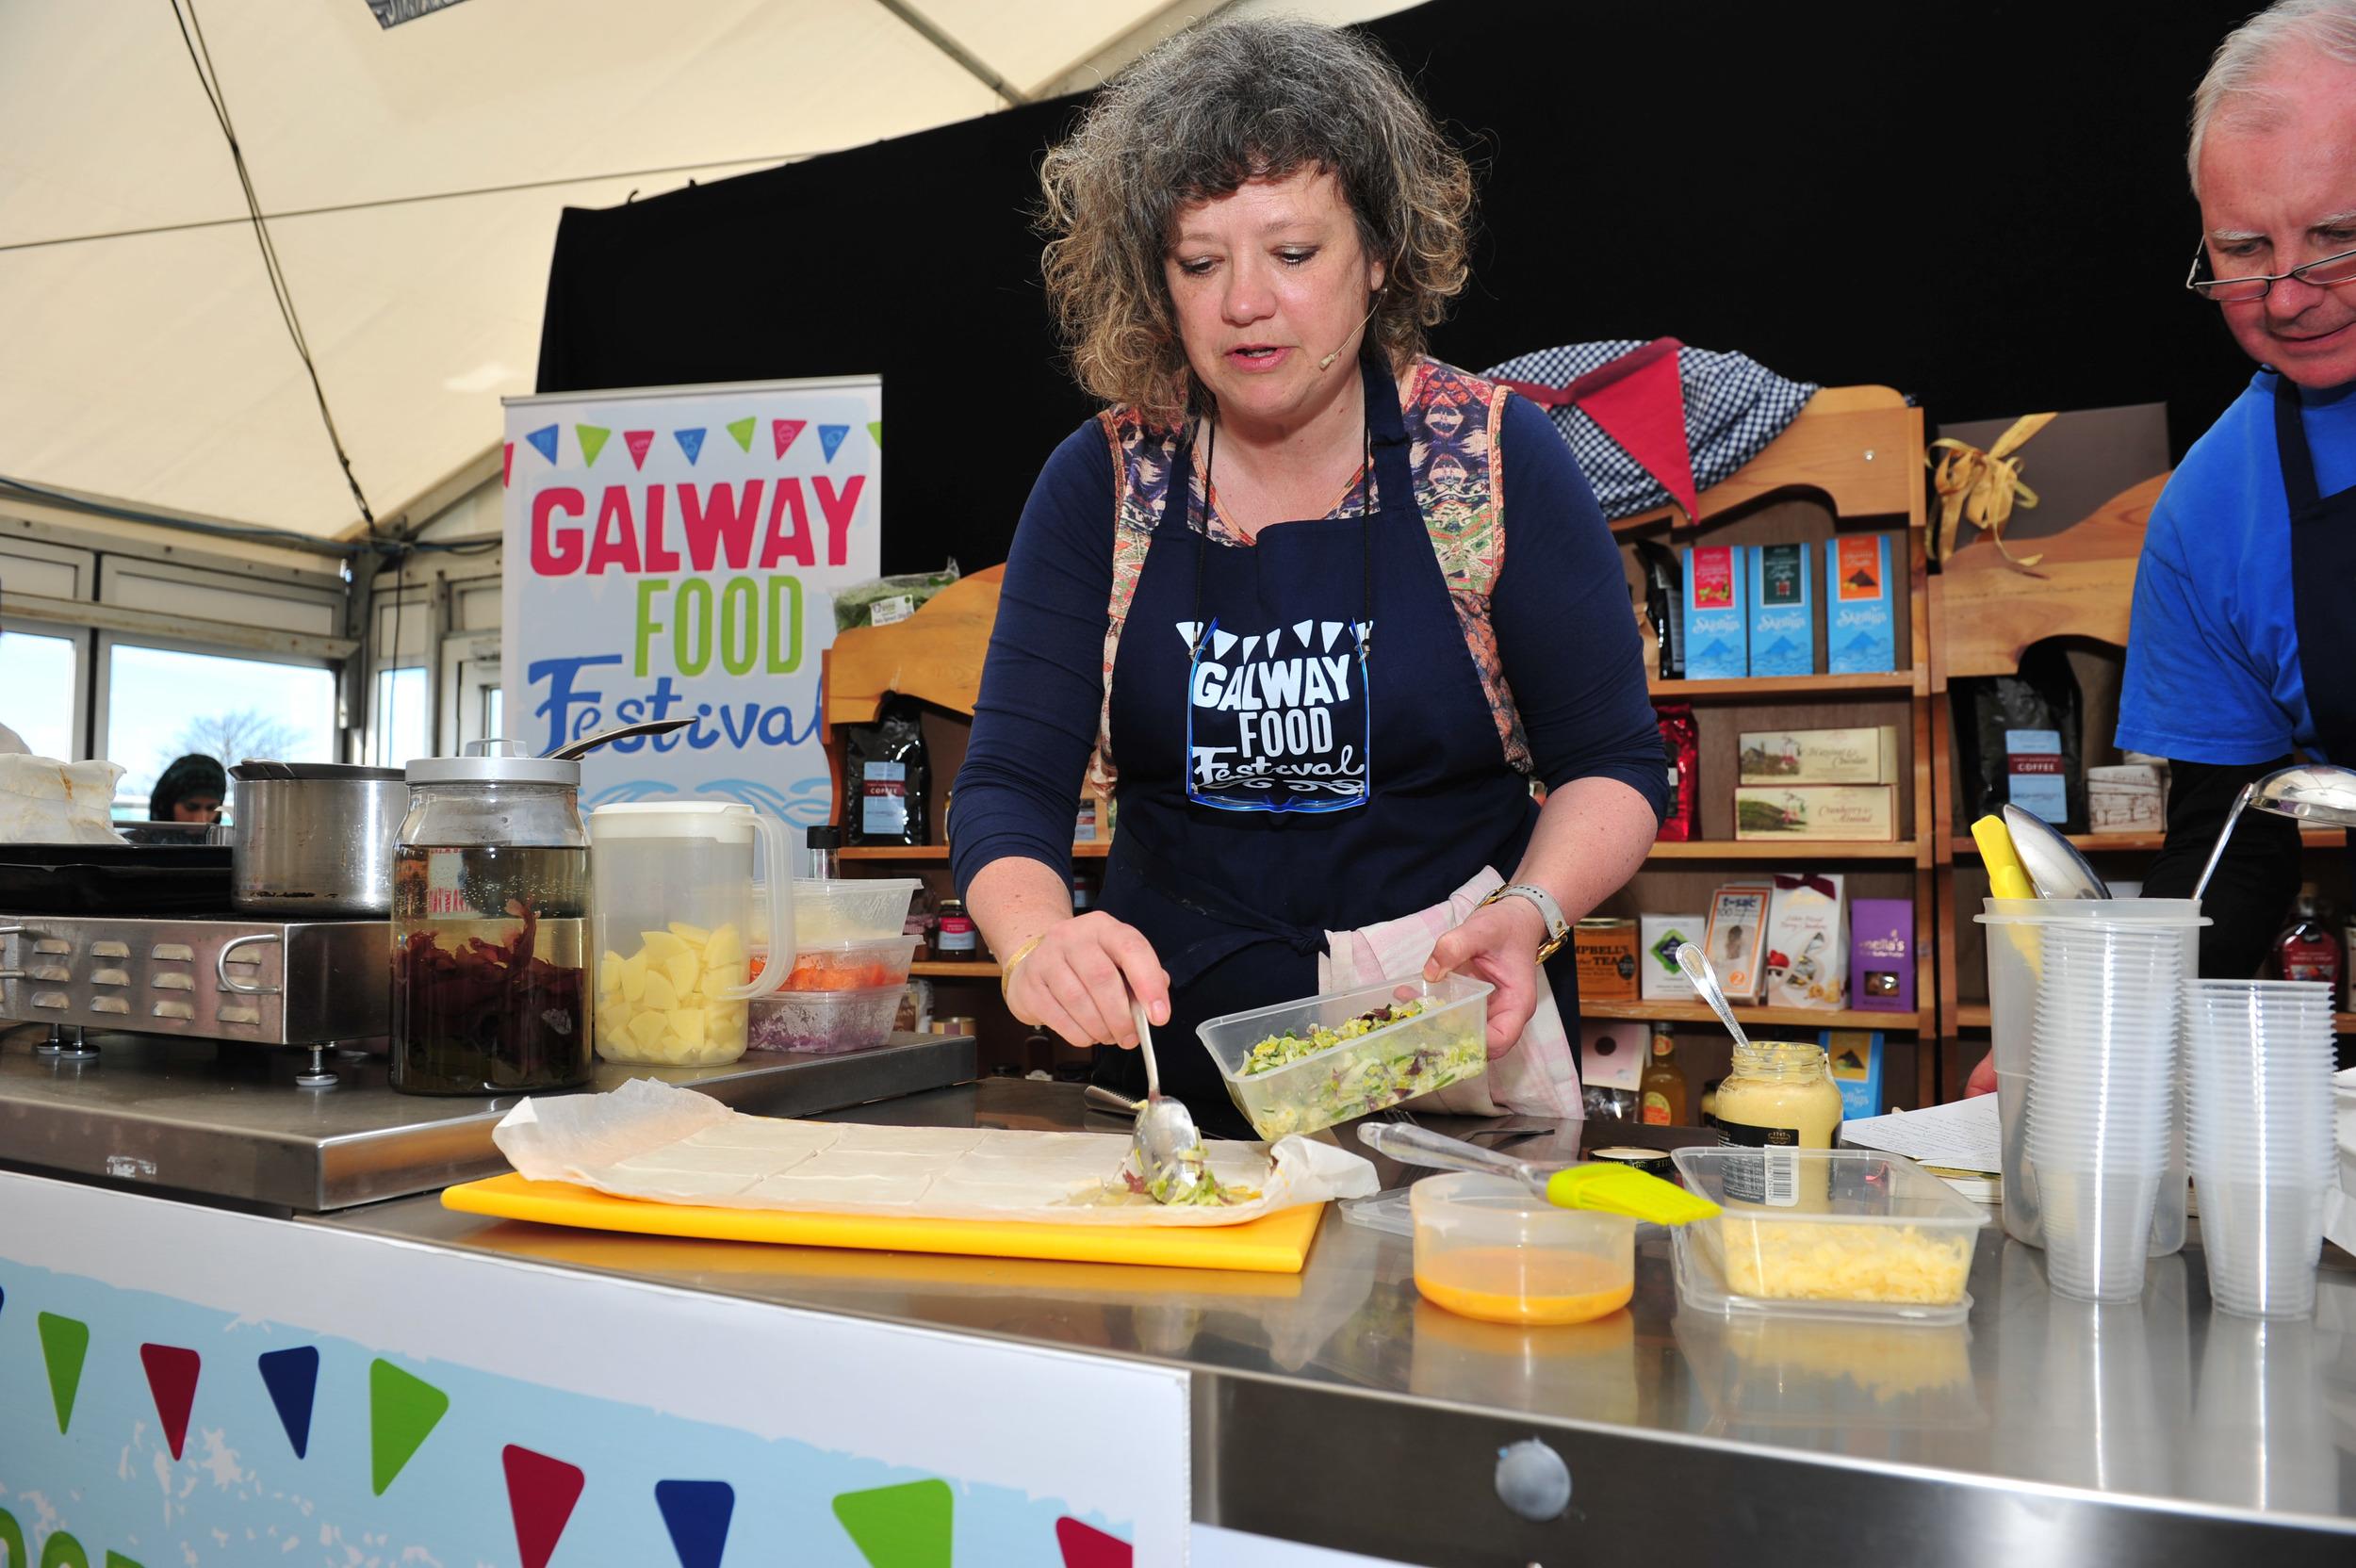 Galway Food Festival 2015 All-346.jpg